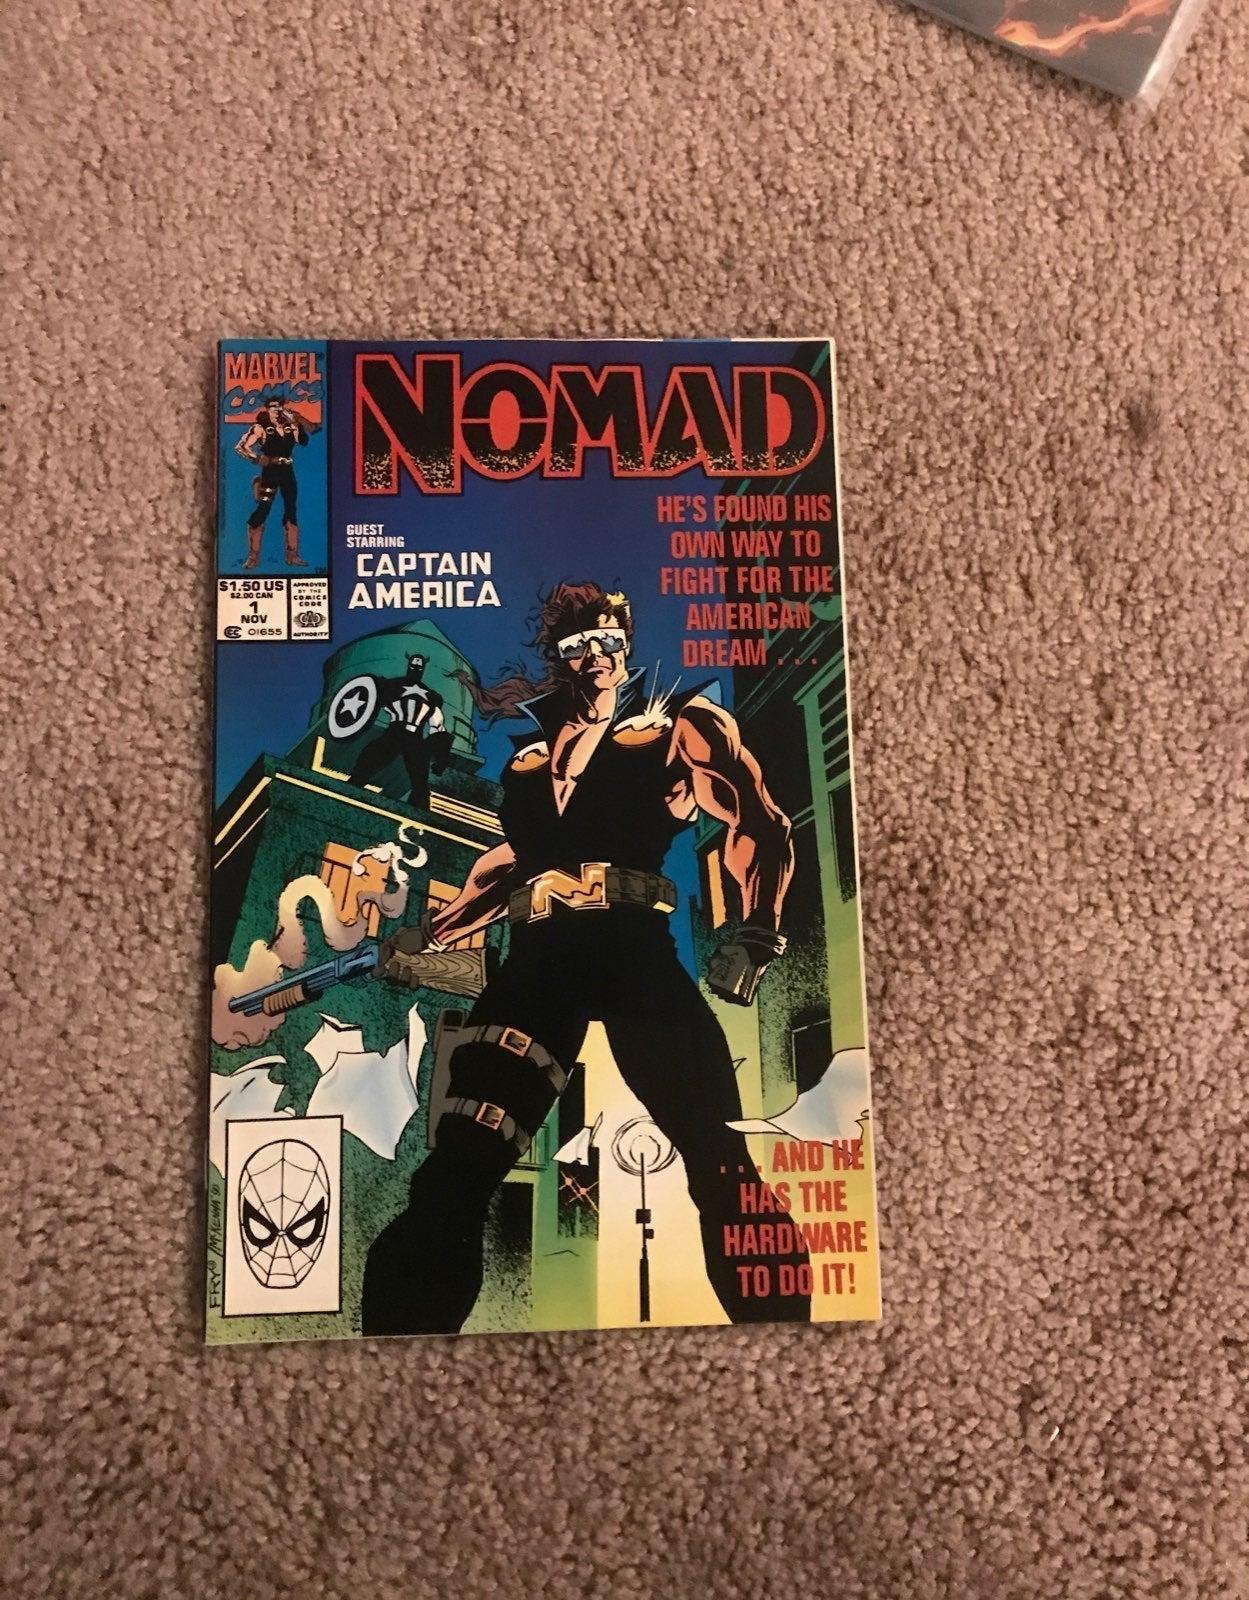 Marvel Nomad comic number 1